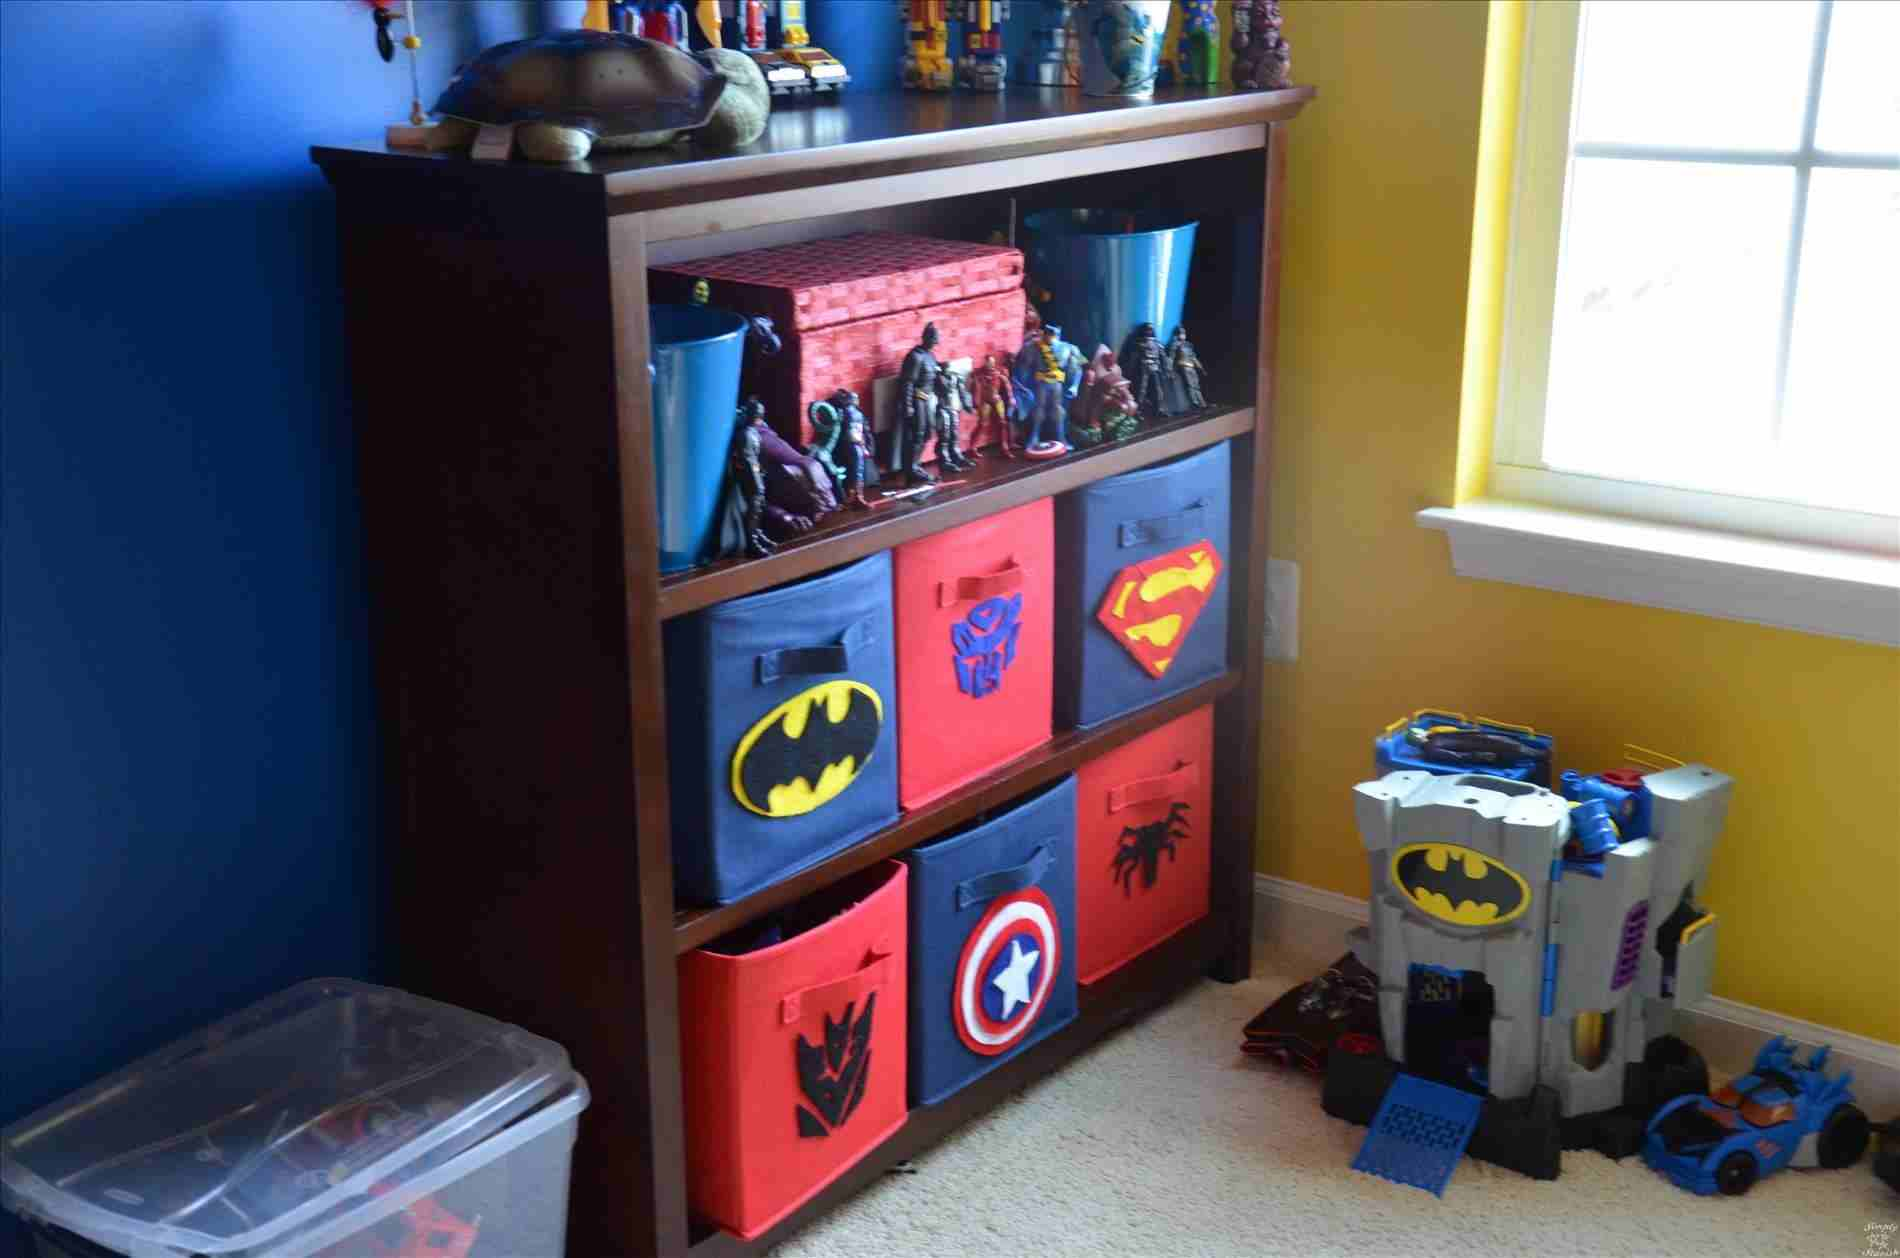 Amazing Superman Bedroom For Girl Batman Sheet Twin - Batman Vs Superman Room Decor - HD Wallpaper